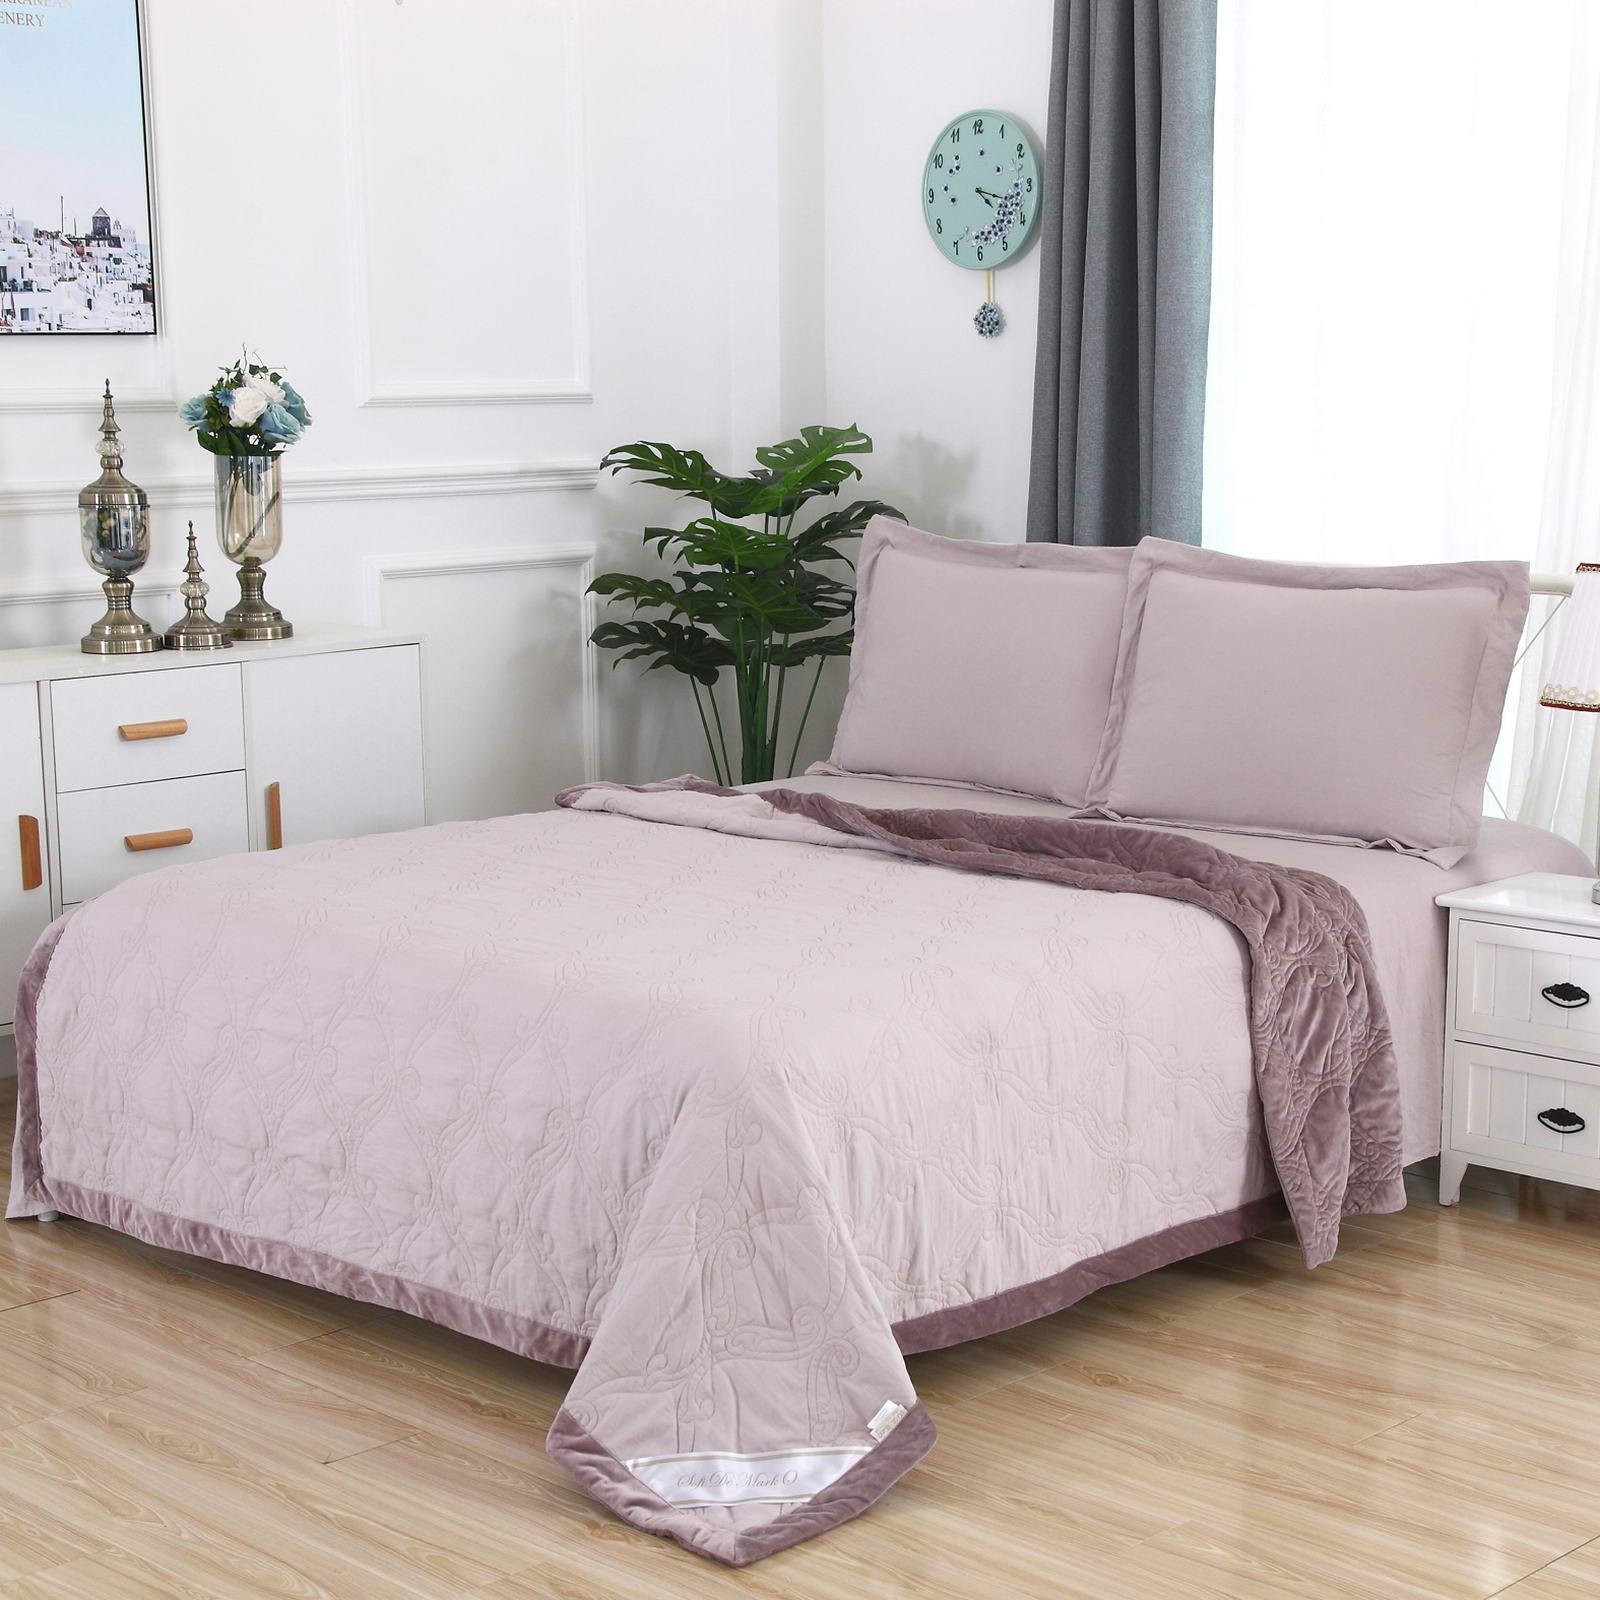 Комплект постельного белья с одеялом Sofi De Marko Тоскана Евро (ЕВРО-КОМ-В6Т)